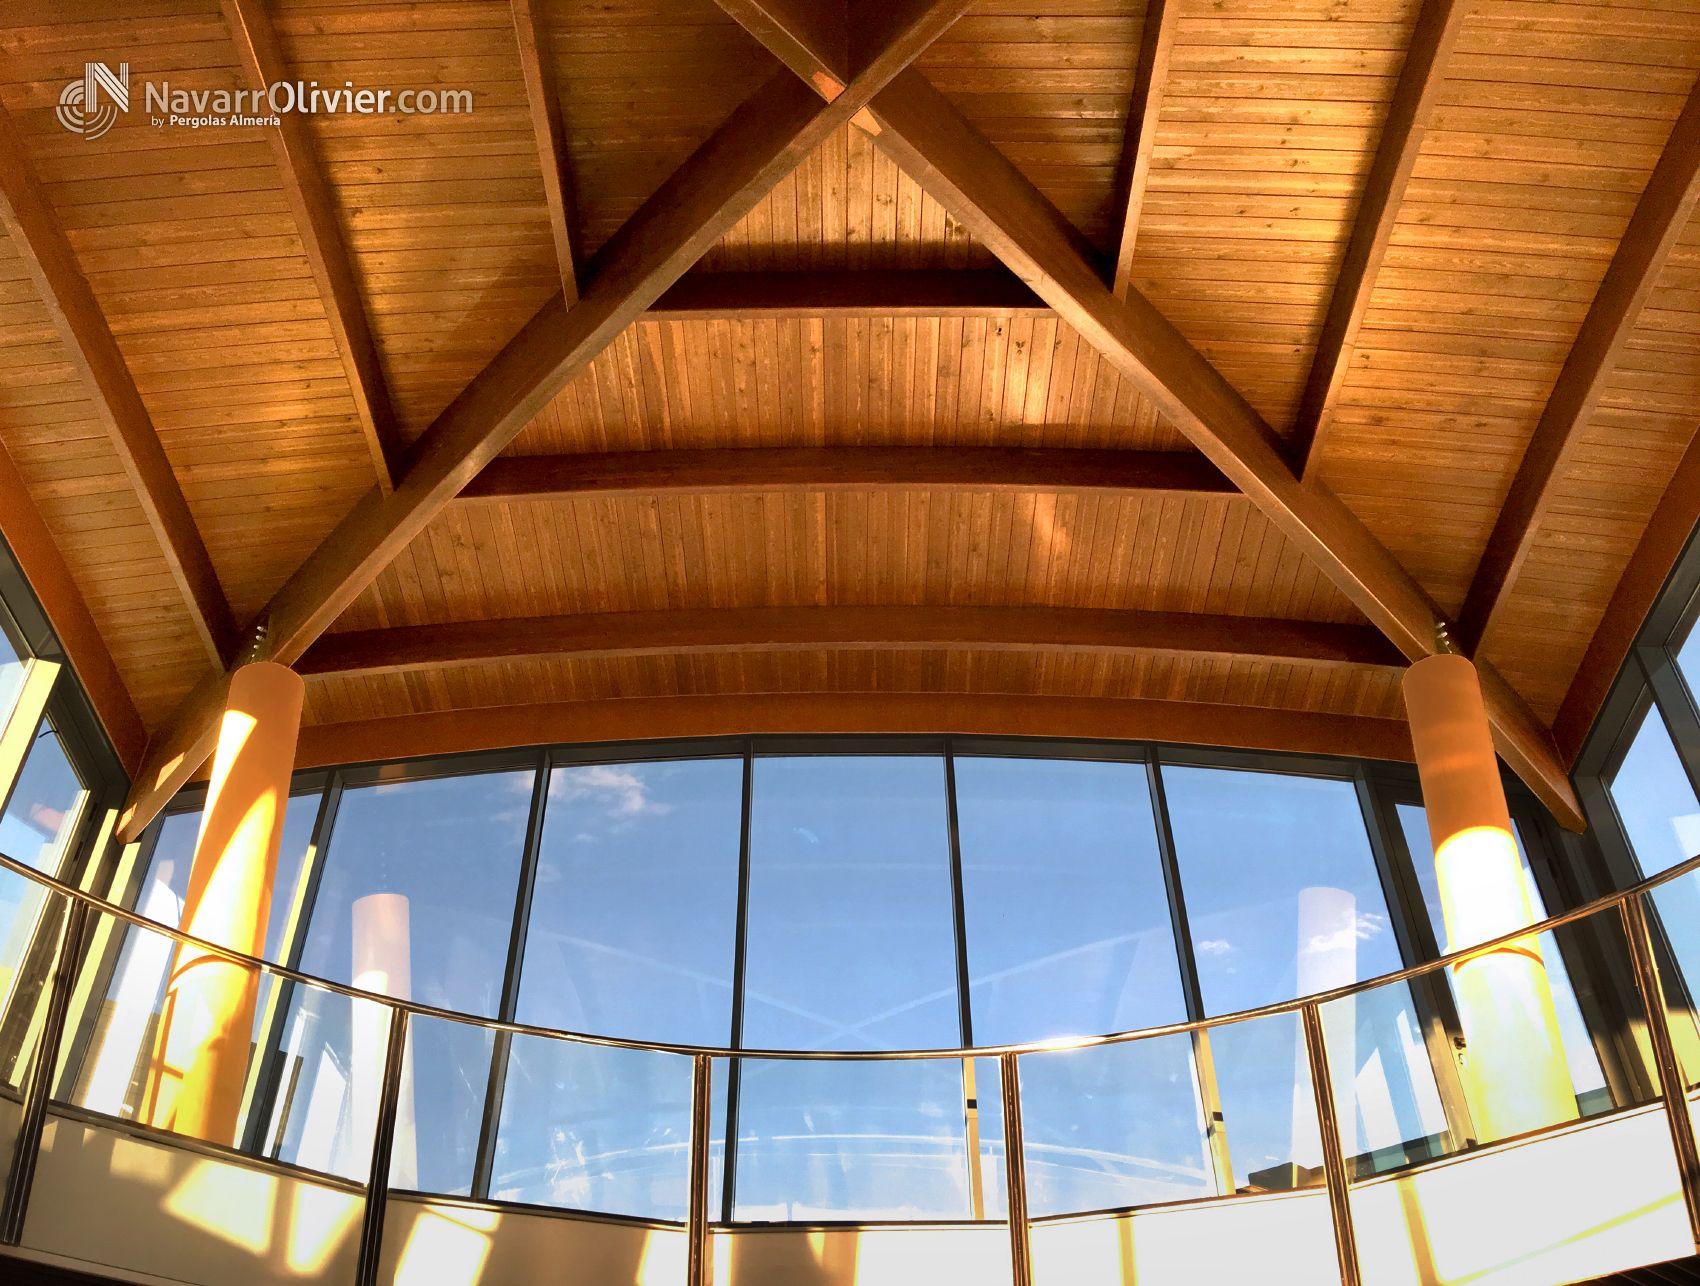 Estructura de madera construida en vigas de madera laminada encolada curva mas informaci n t - Cubiertas de madera laminada ...